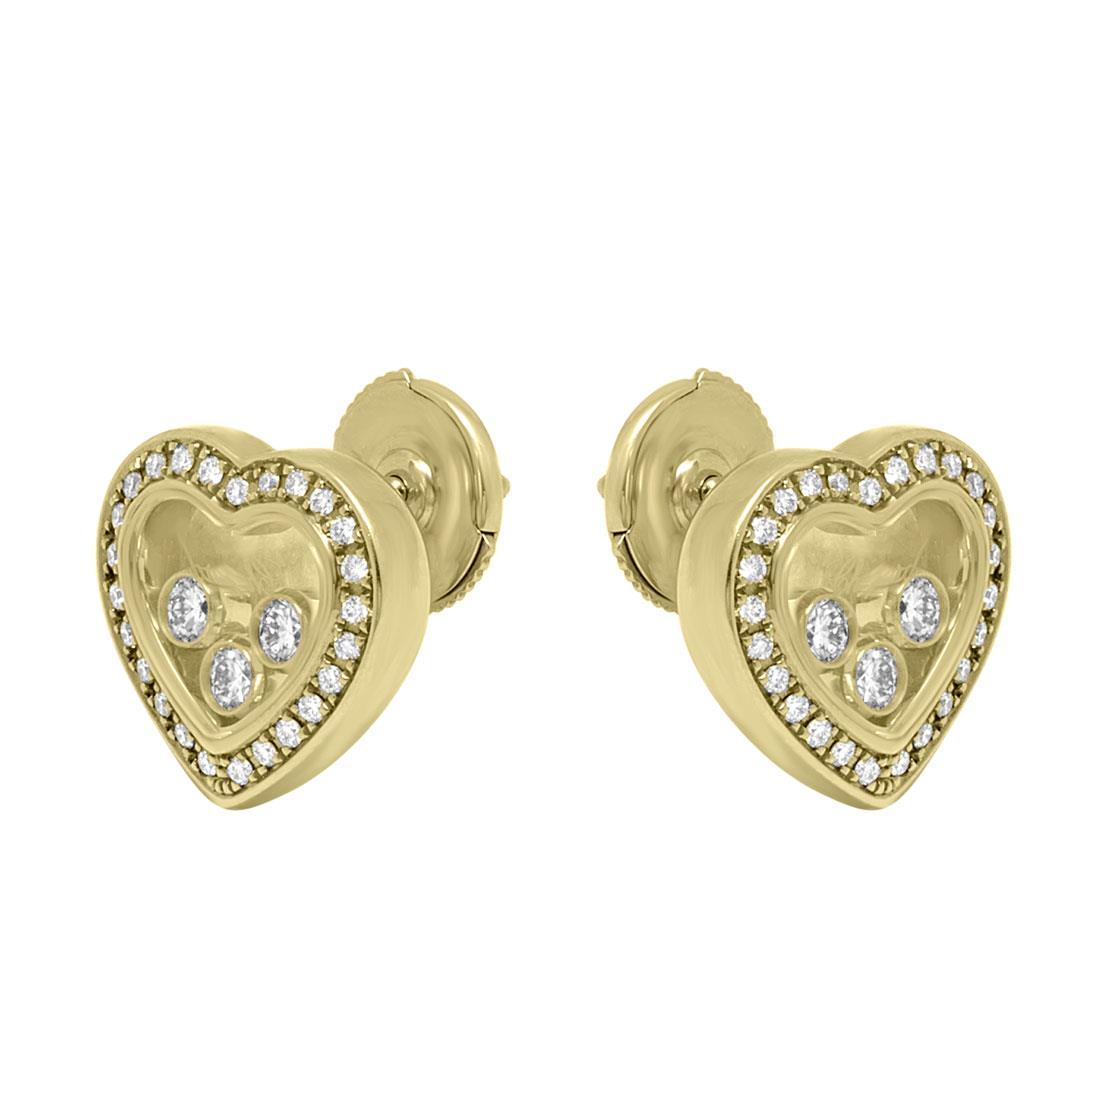 Orecchini in oro giallo con diamanti ct 0.54 - CHOPARD